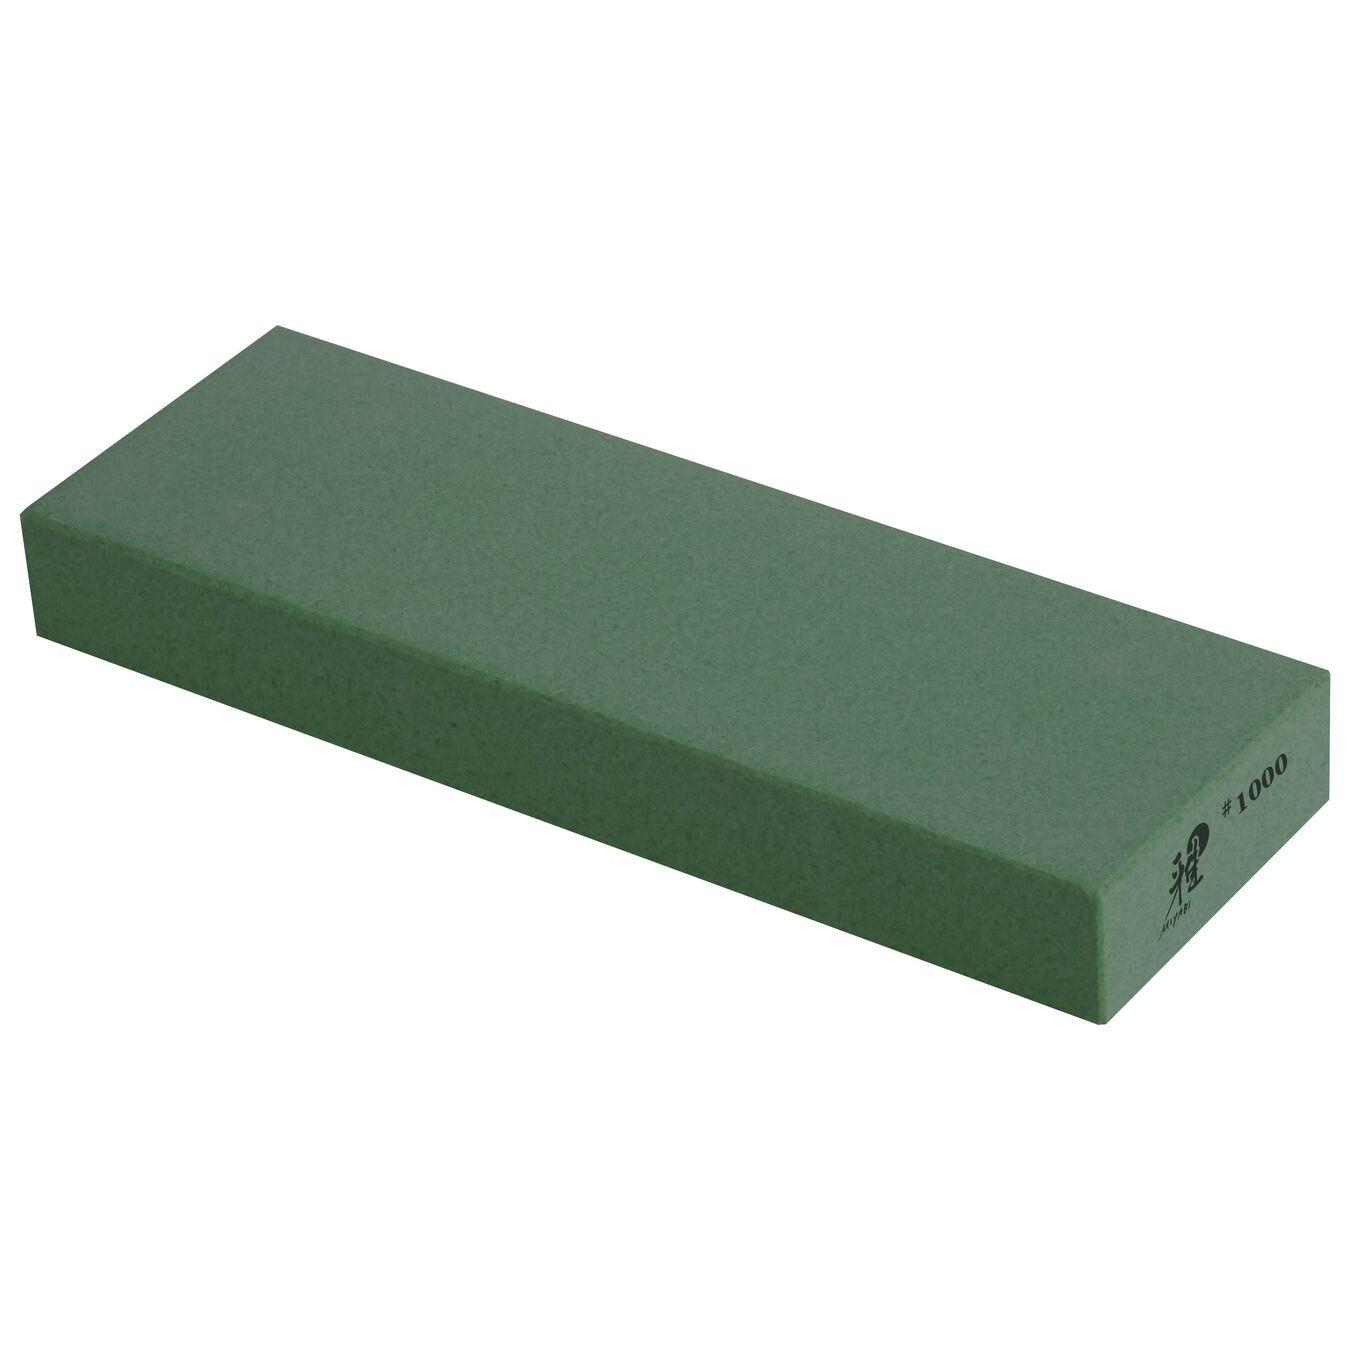 Bileme Taşı | alüminyum oksit | 21 cm,,large 1